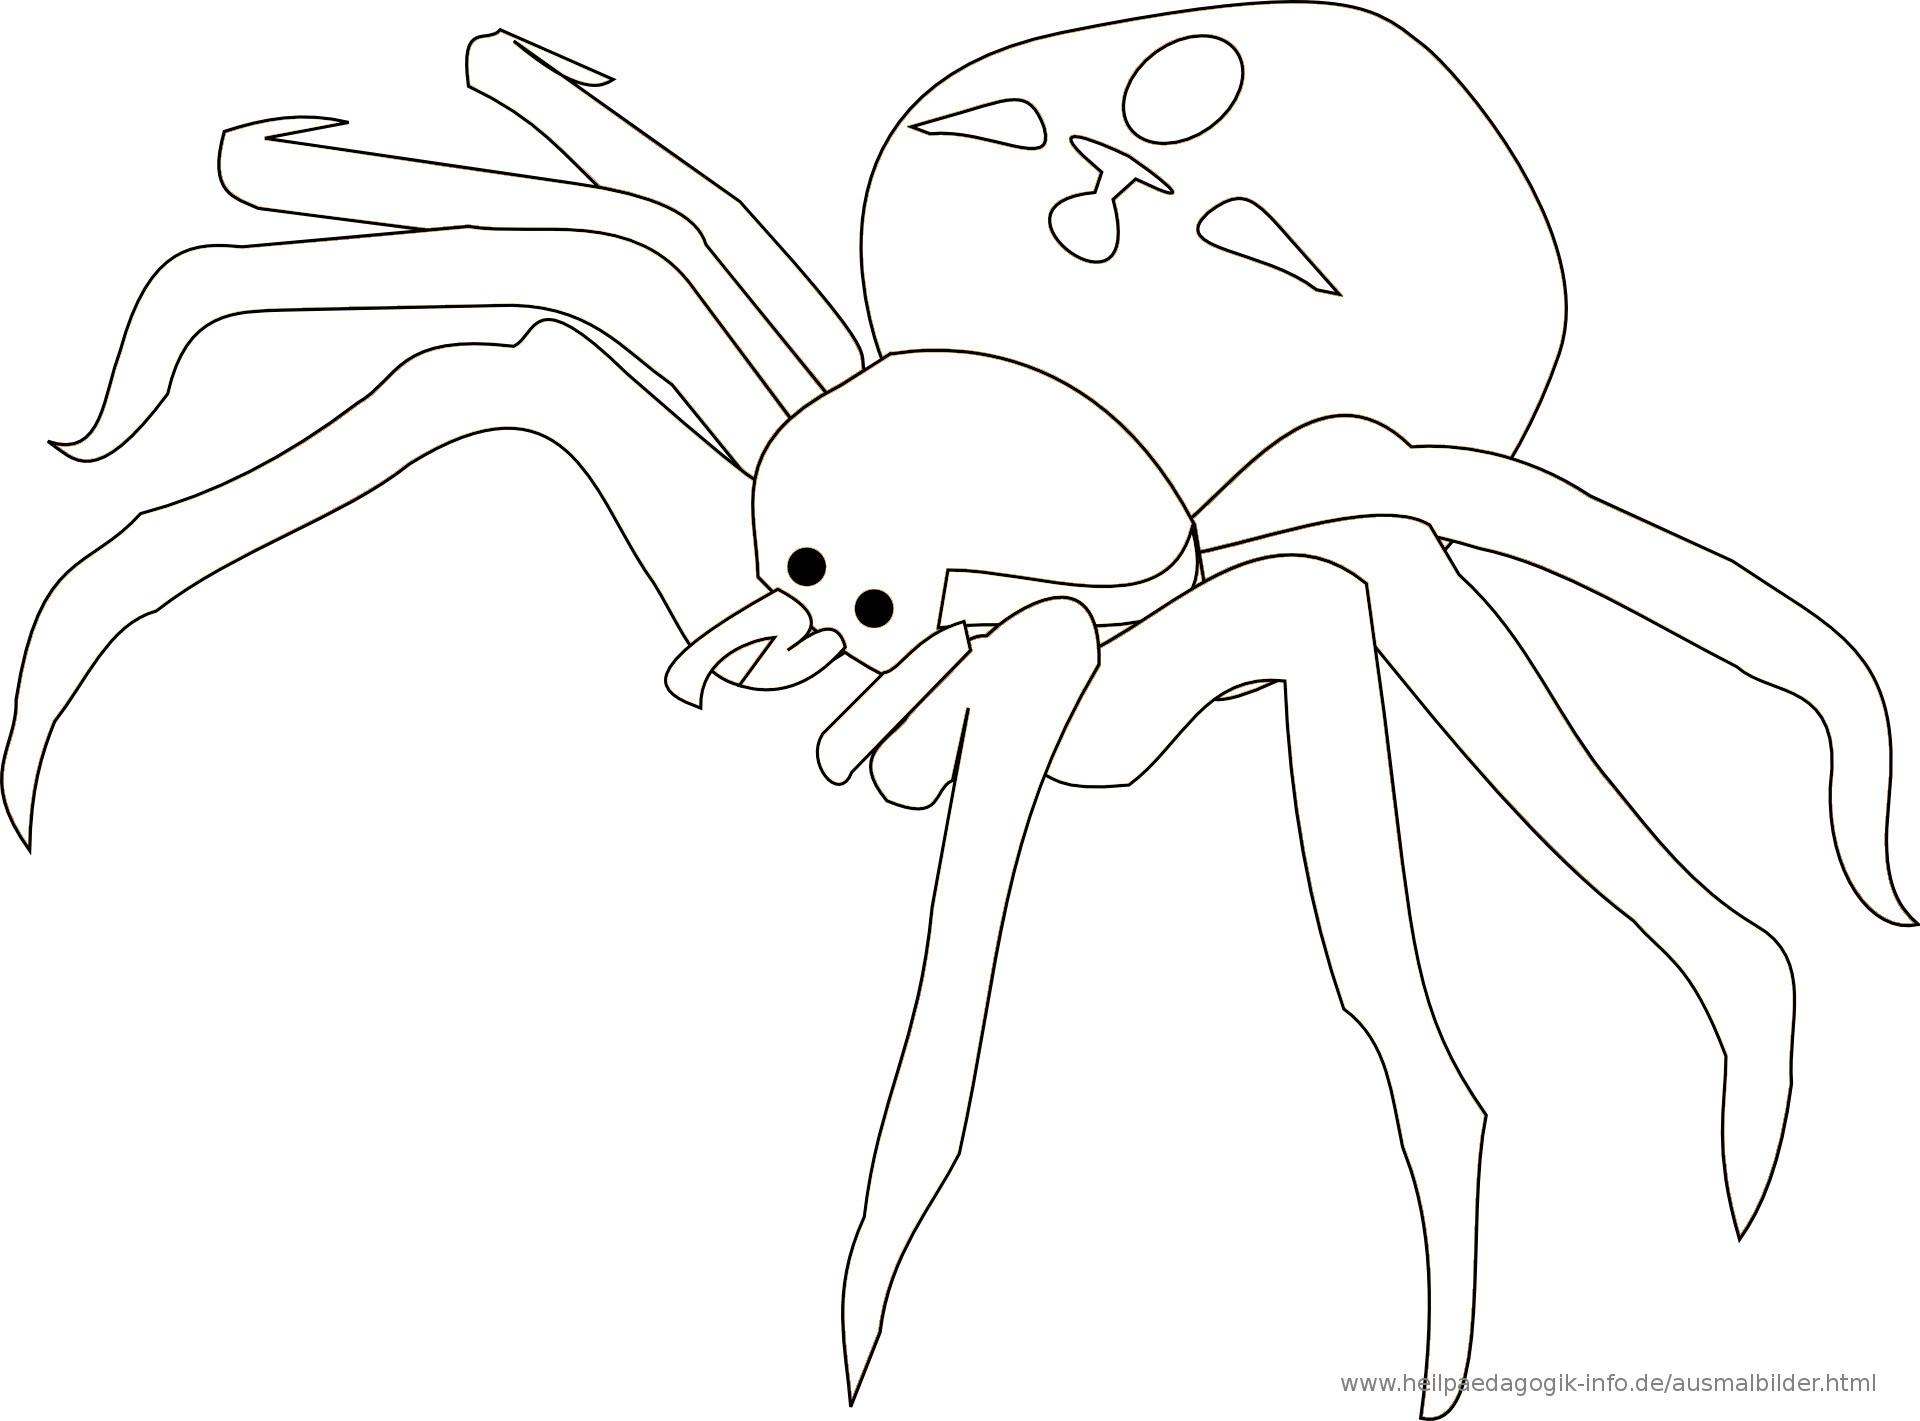 Halloween Ausmalbilder Spinne Frisch Ausmalbilder Käfer Schmetterlinge Insekten Verwandt Mit Ausmalbild Stock